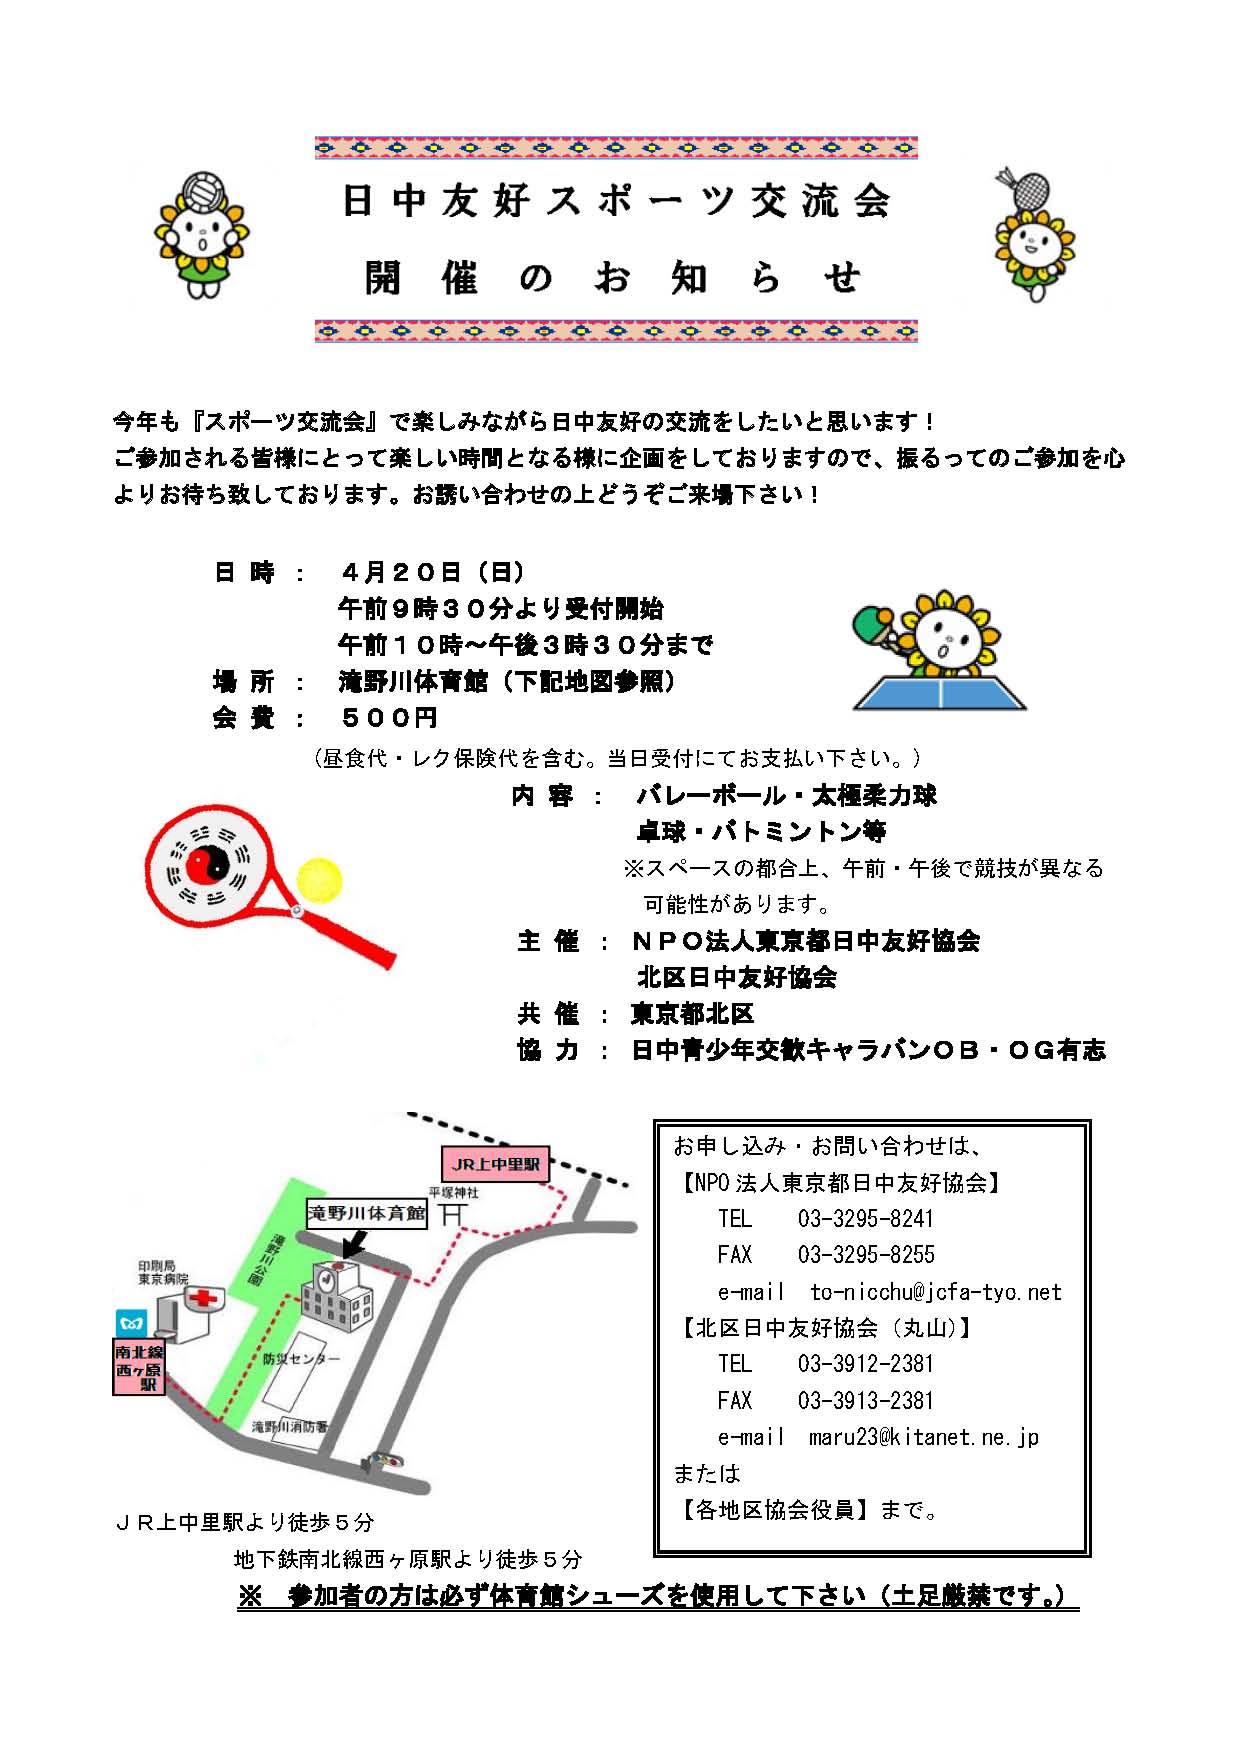 4/20 日中友好スポーツ交流会開催のお知らせ